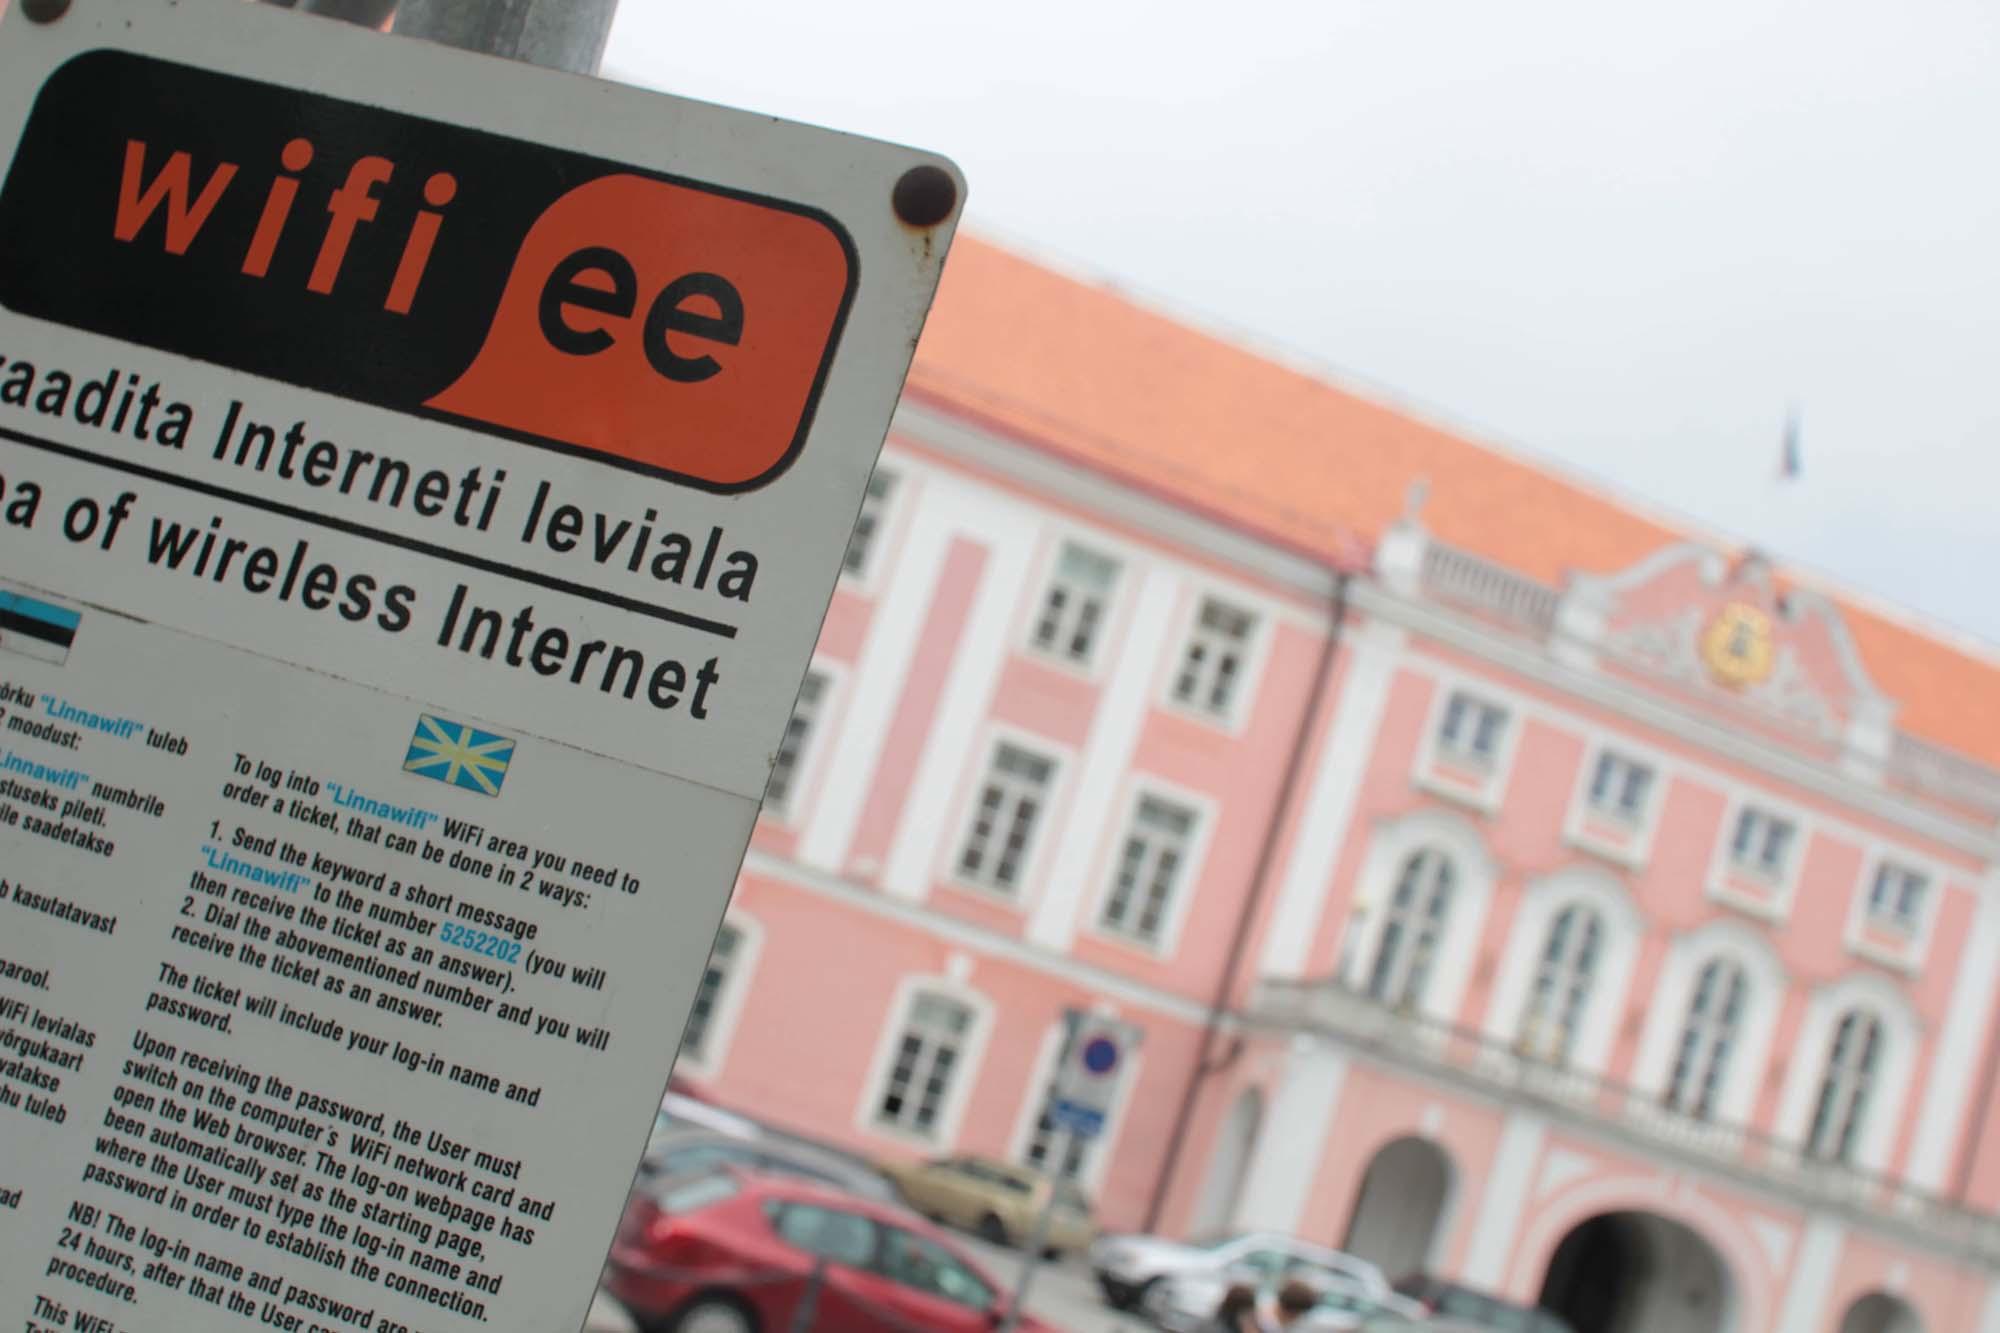 free Wifi sign in Estonia